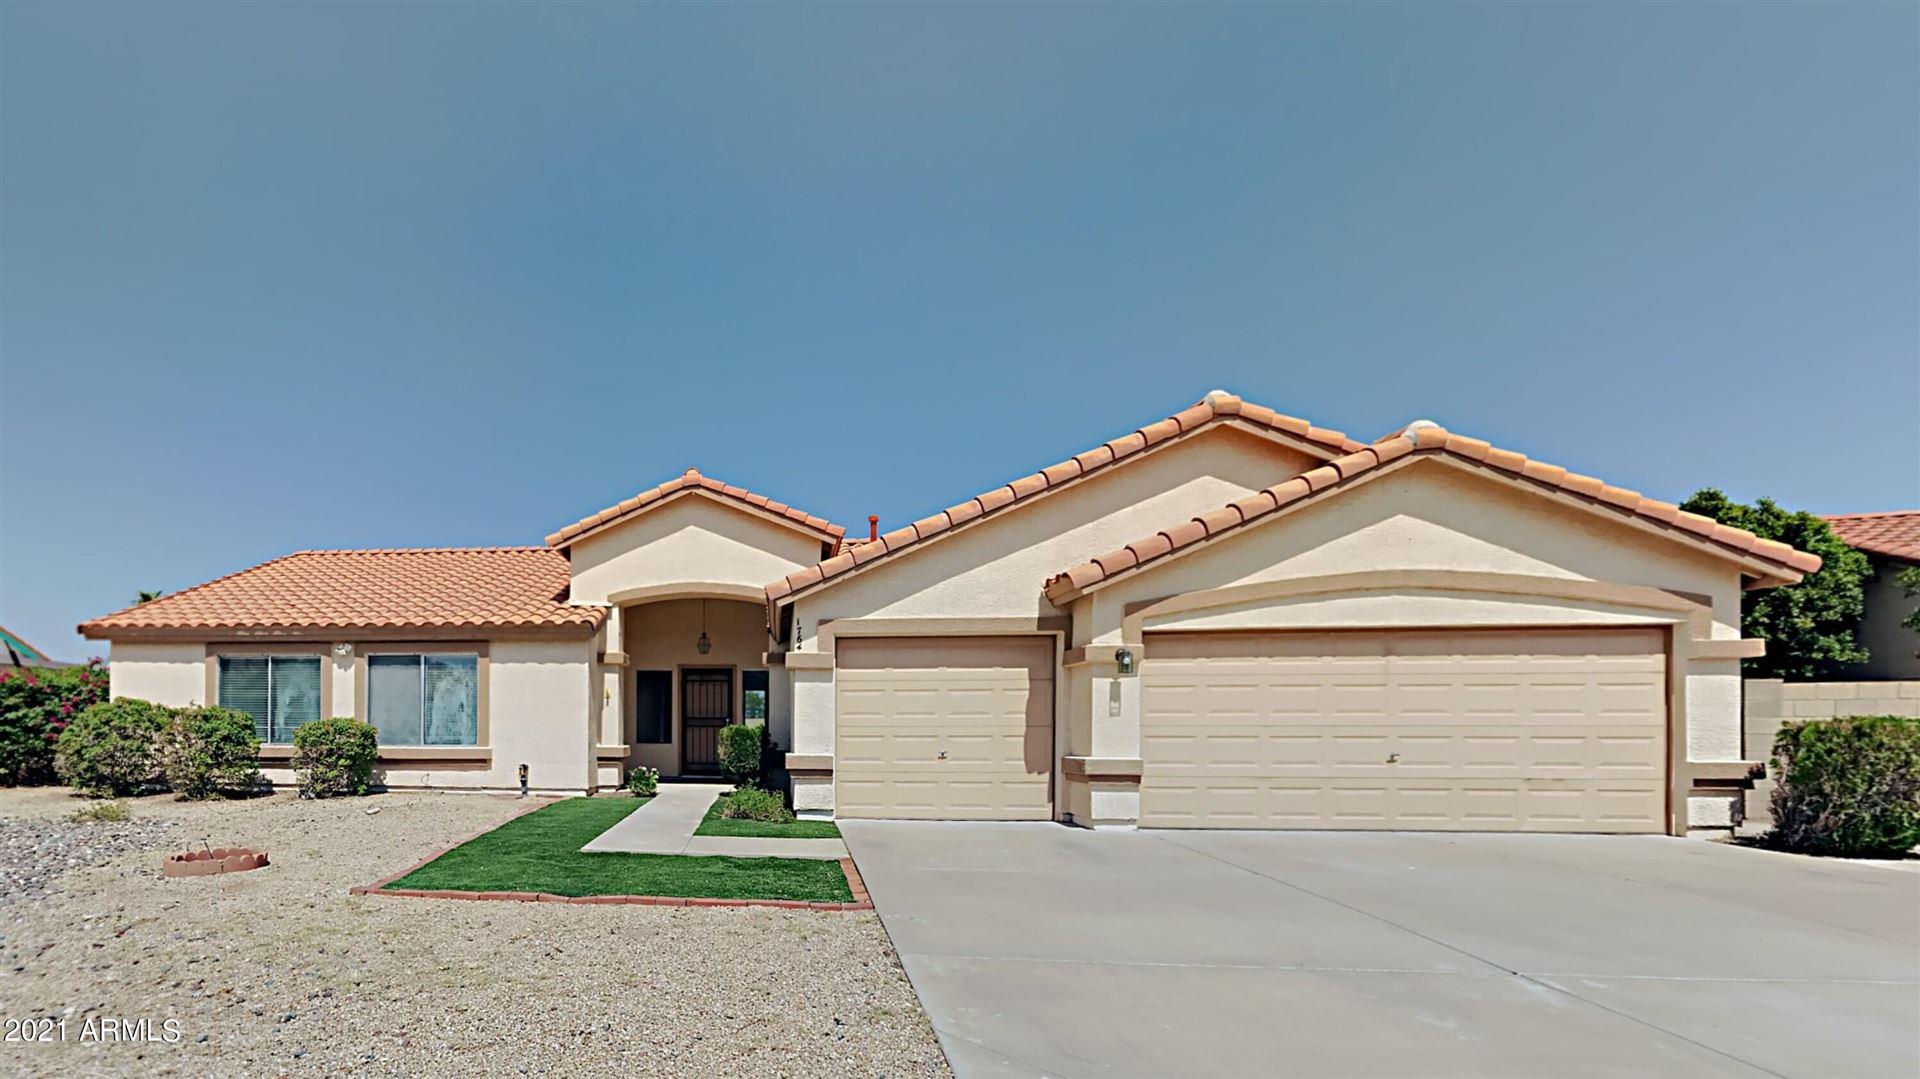 1764 E PARK Street, Phoenix, AZ 85042 - MLS#: 6293754